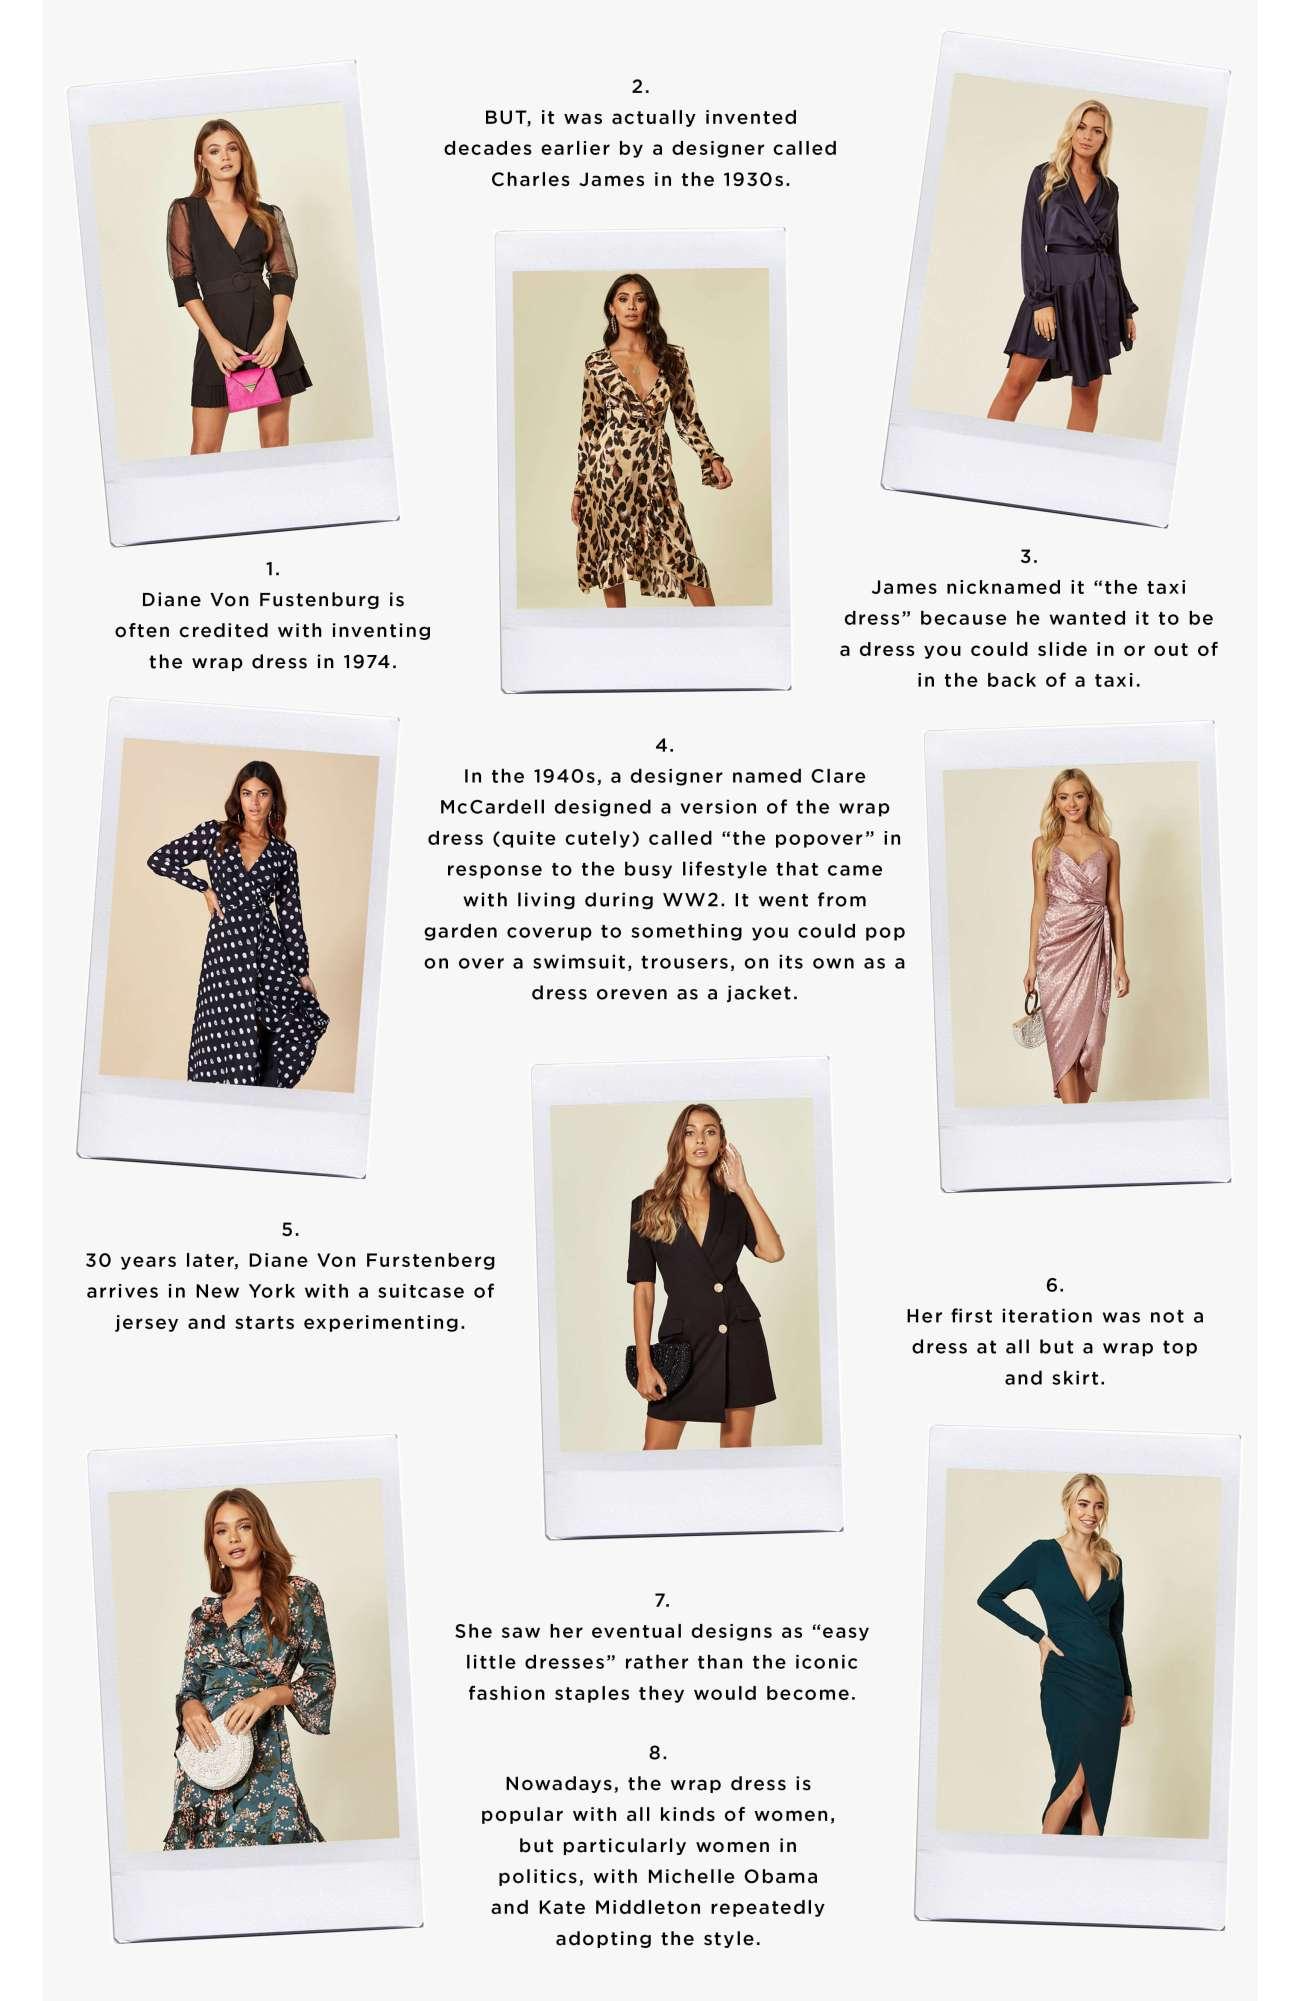 Timeline of wrap dresses